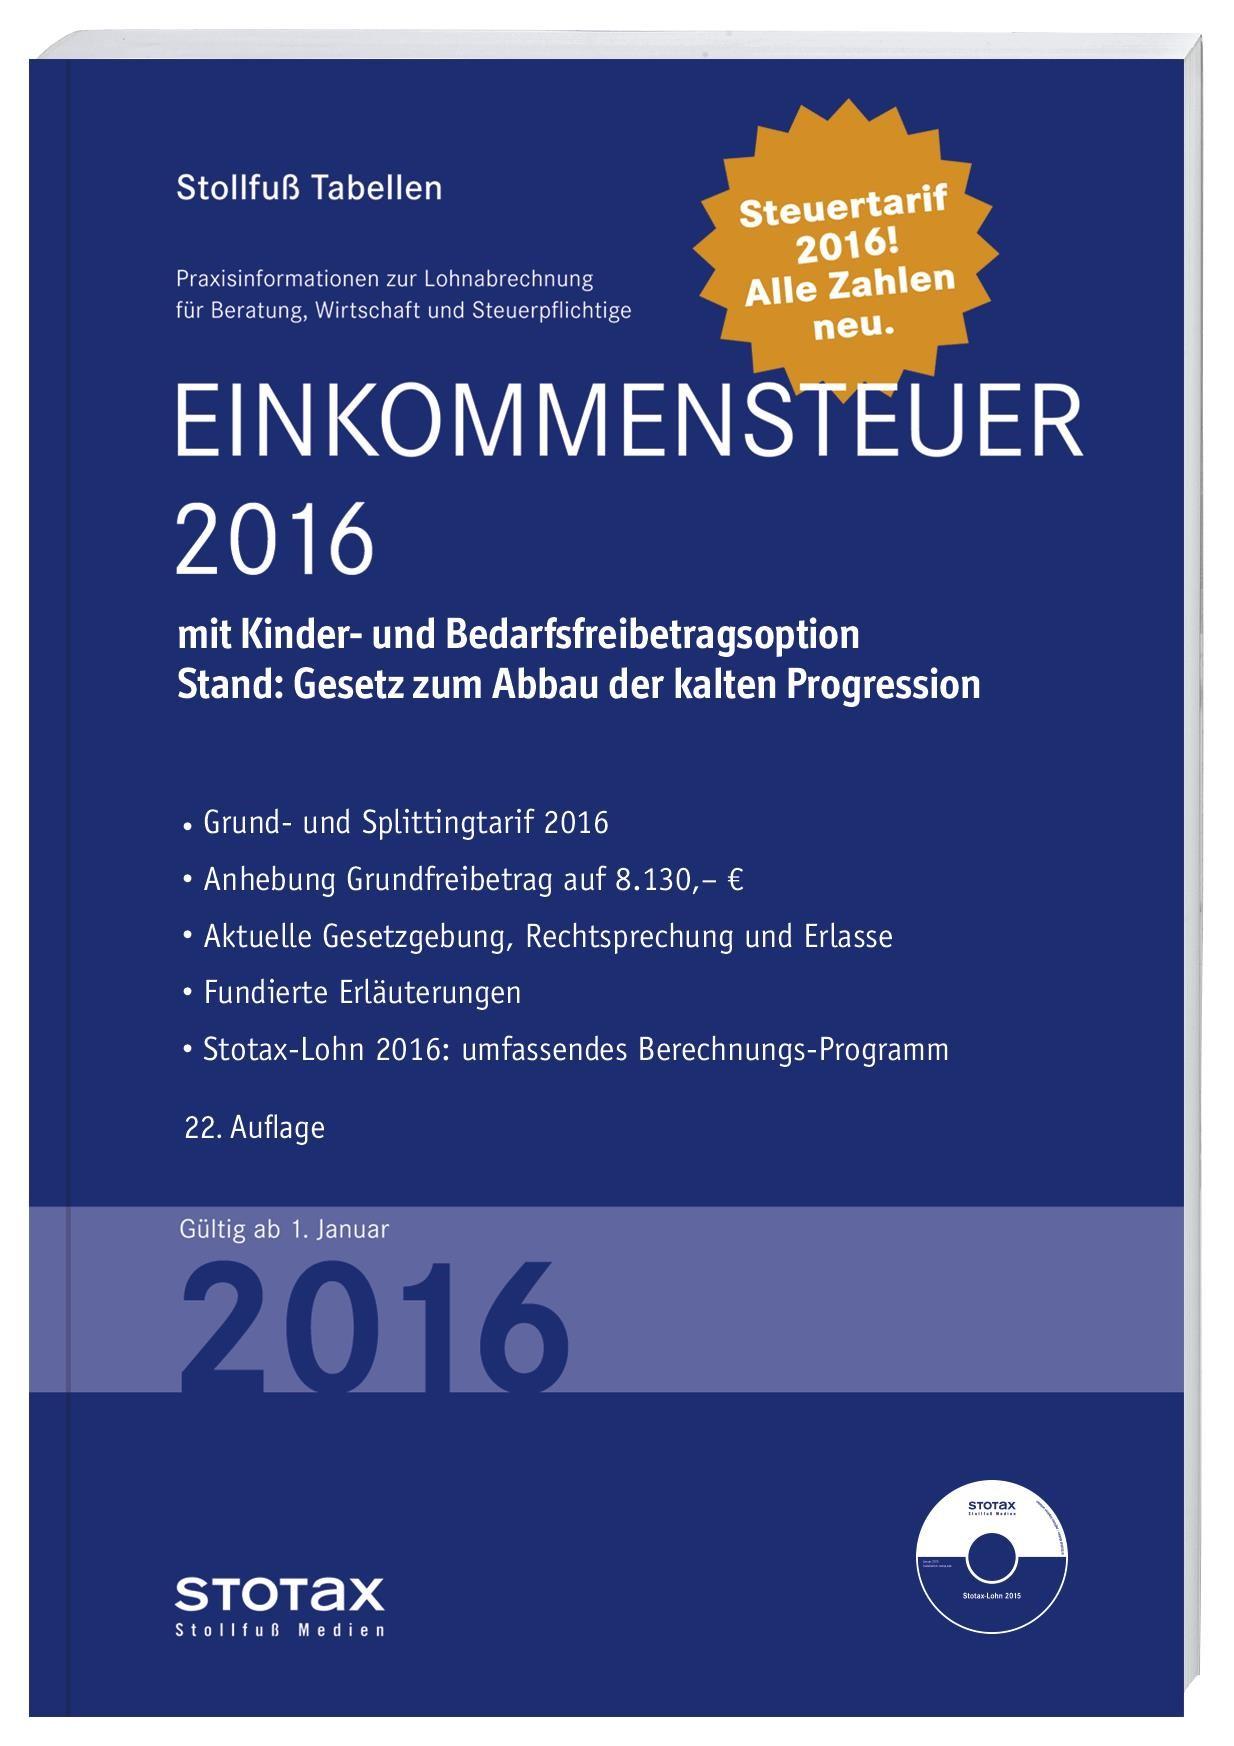 Tabelle, Einkommensteuer 2016 (Cover)